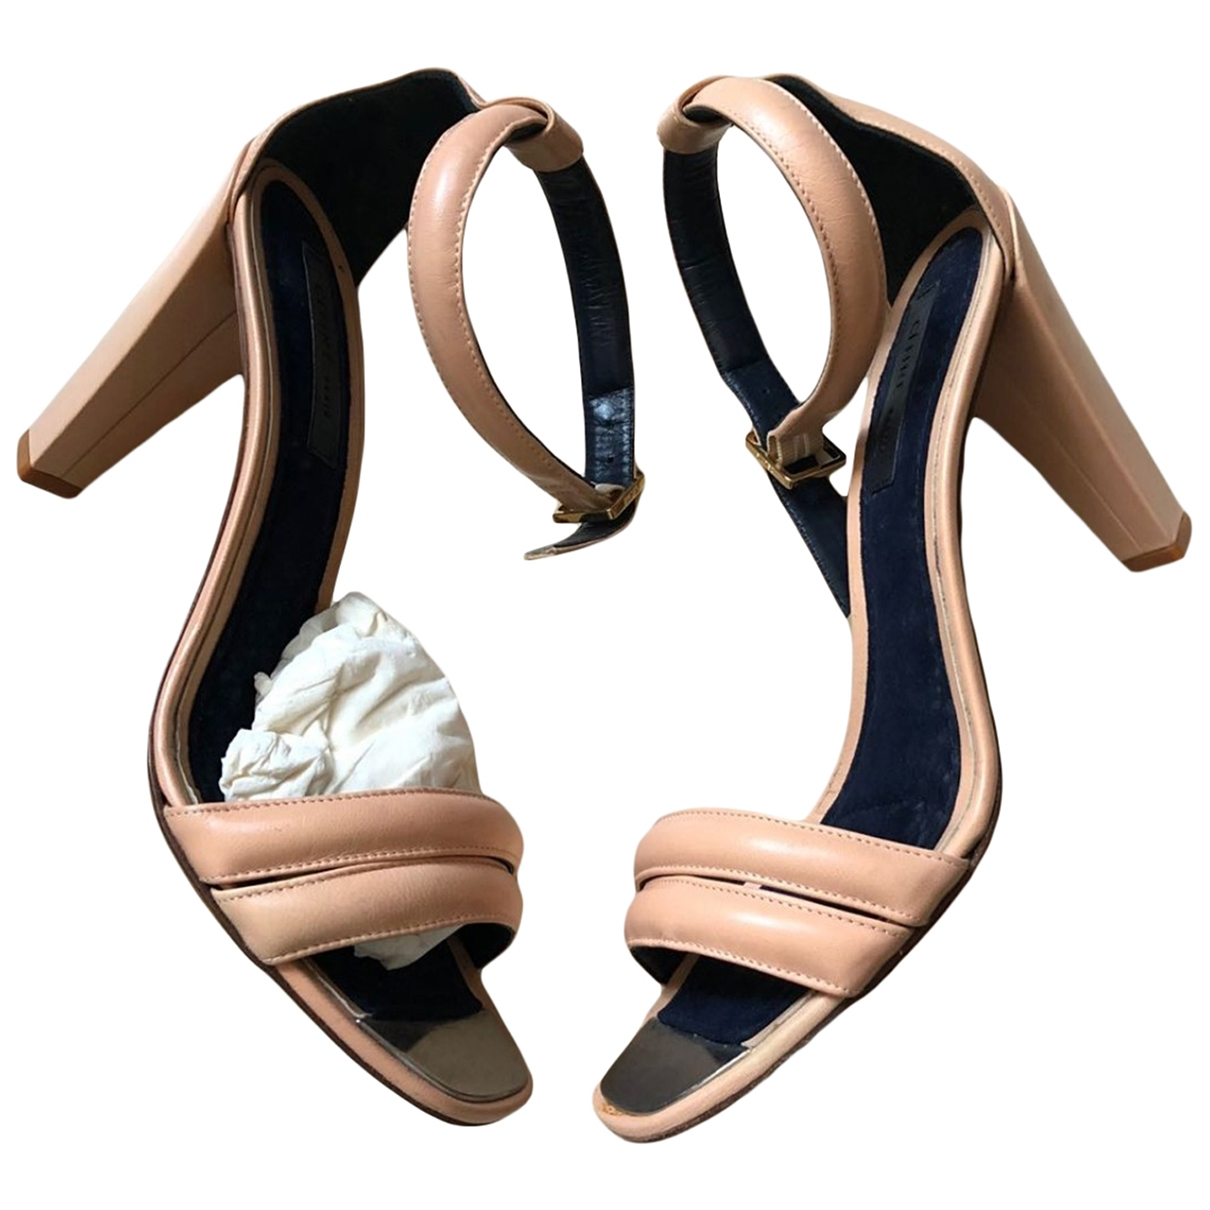 Sandalias de Cuero Celine